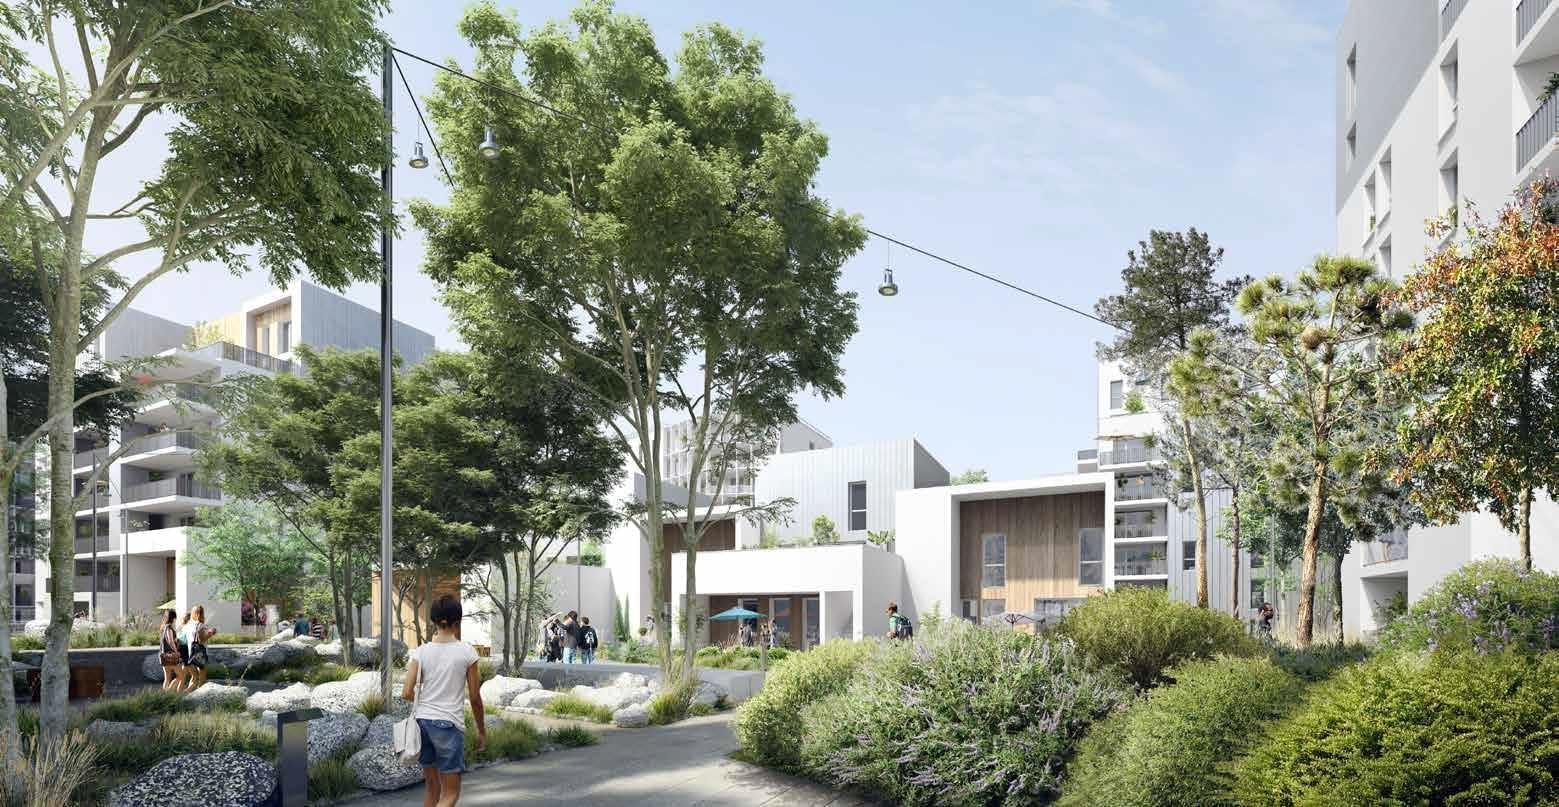 Résidence à Bordeaux Label Eco-Quartier , Coeur d'îlot paysagé, Tramway ligne C, Des commerces de proximité, Crèches, groupes scolaires ,